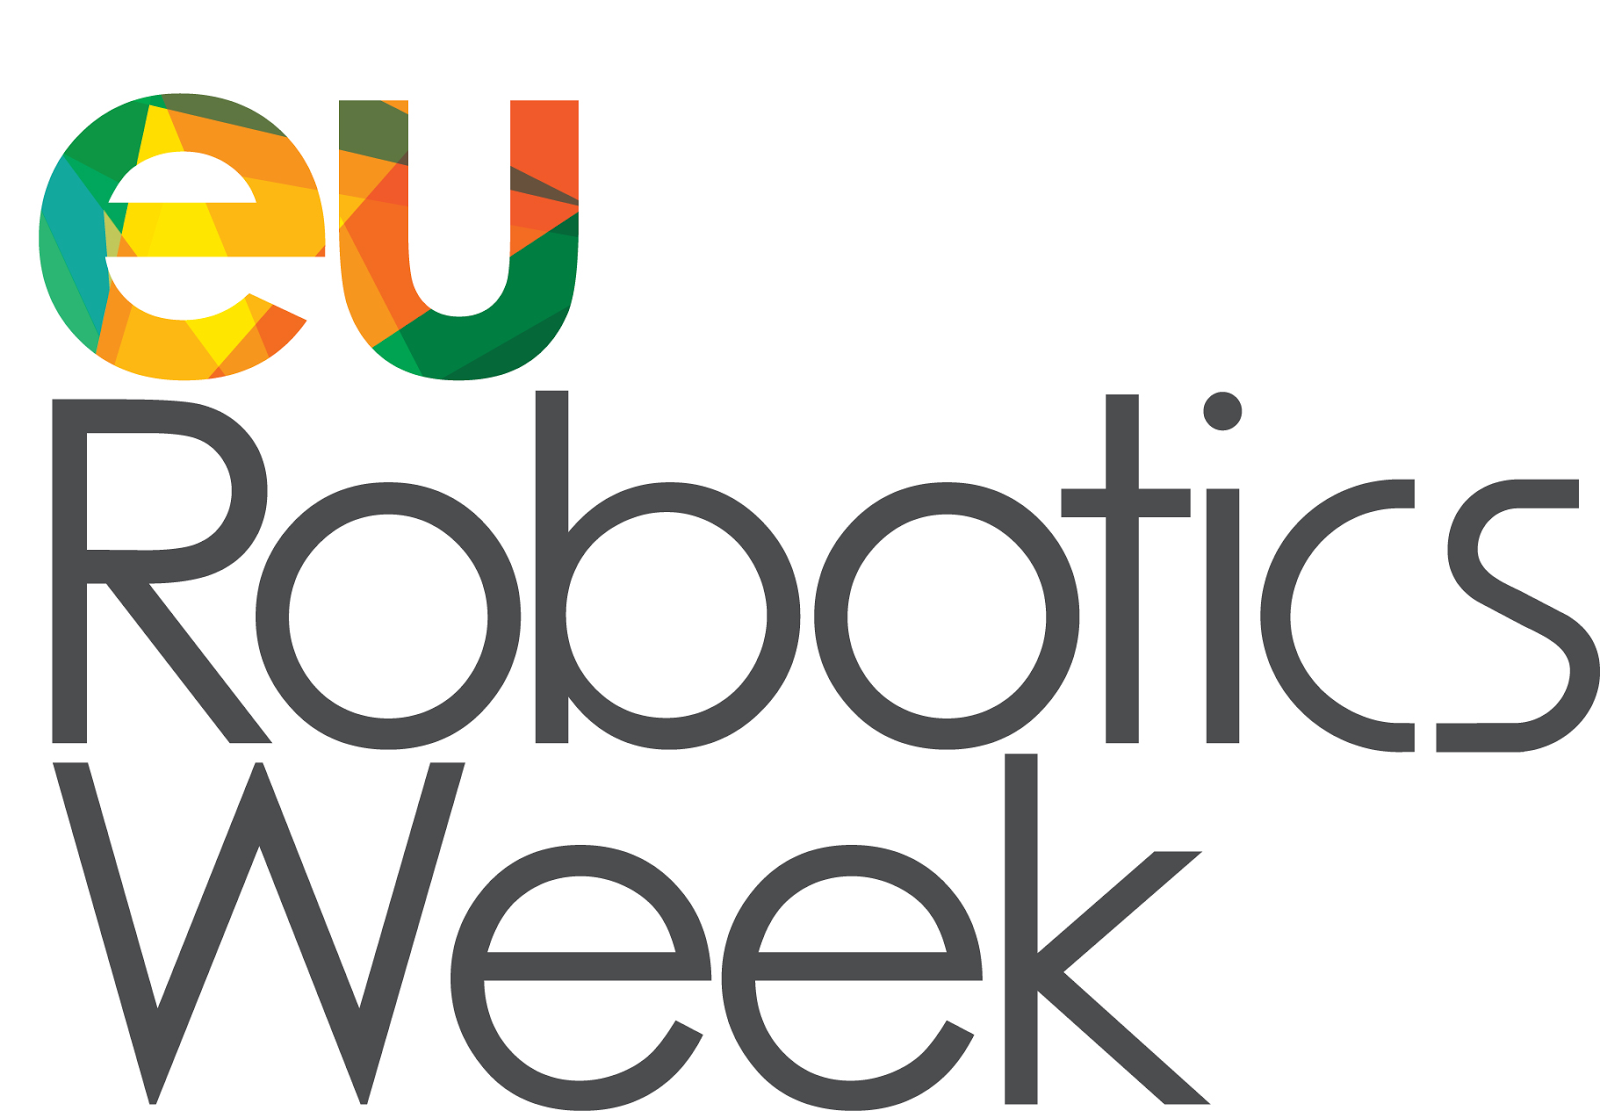 Semana Europea de la robótica 13